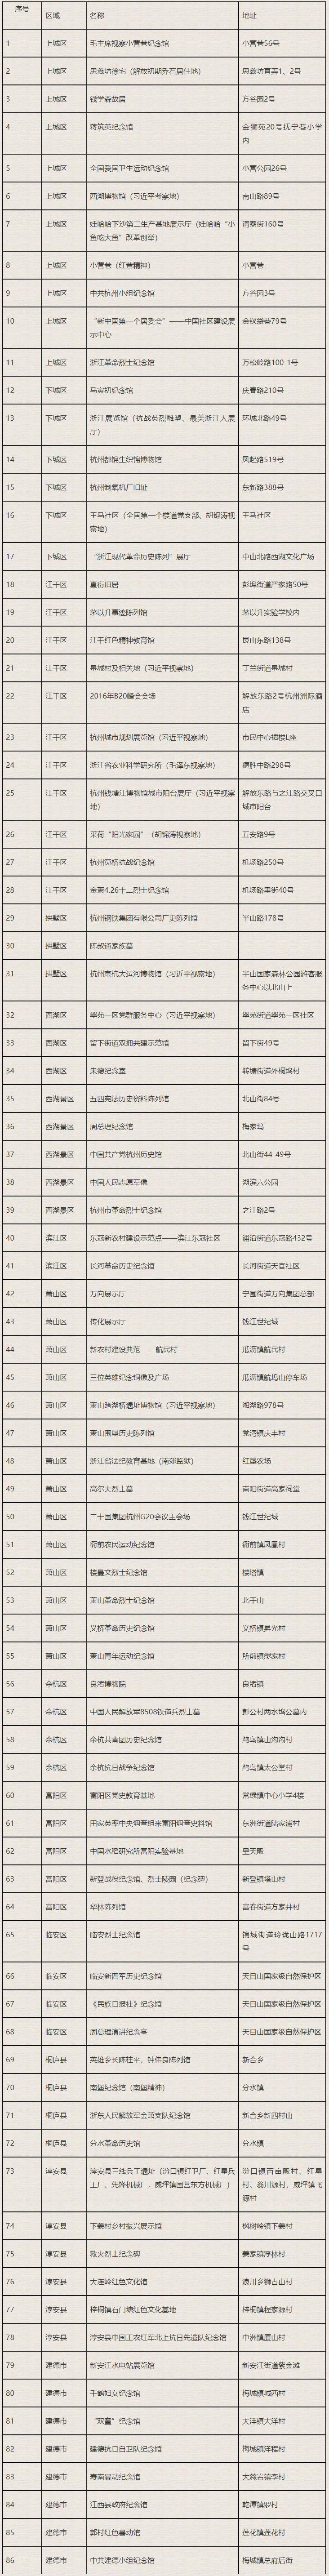 杭州市红色资源名录